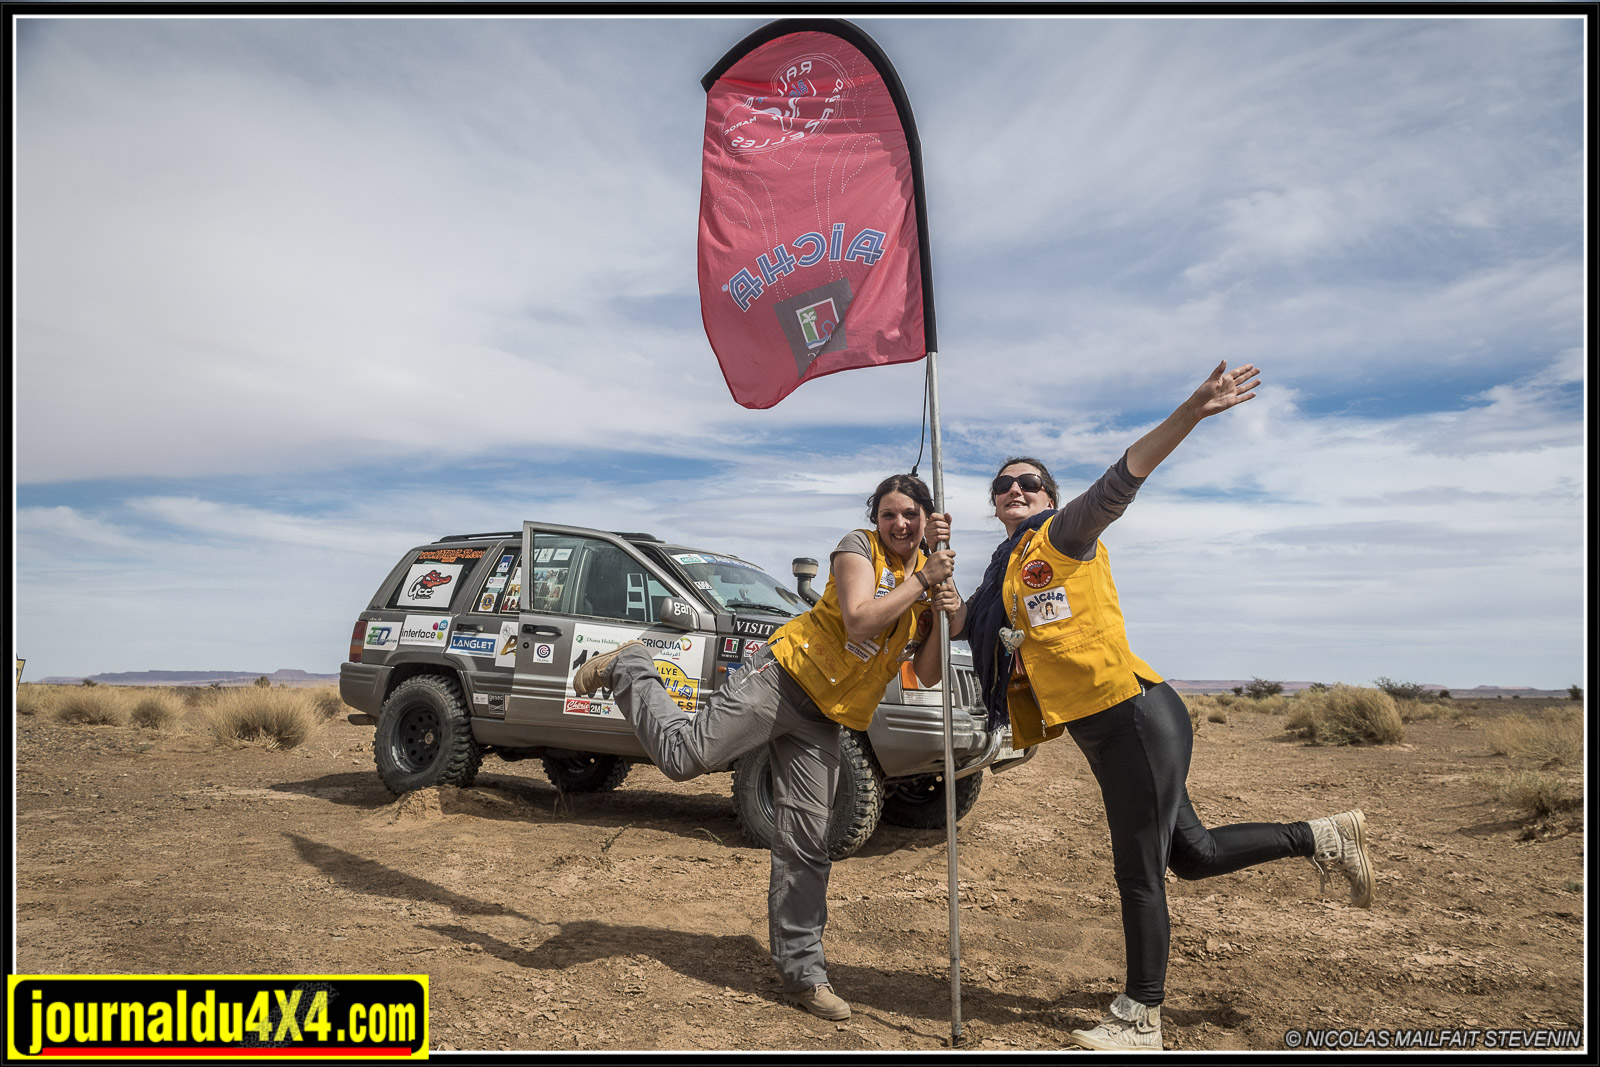 rallye-aicha-gazelles-maroc-2017-6799.jpg